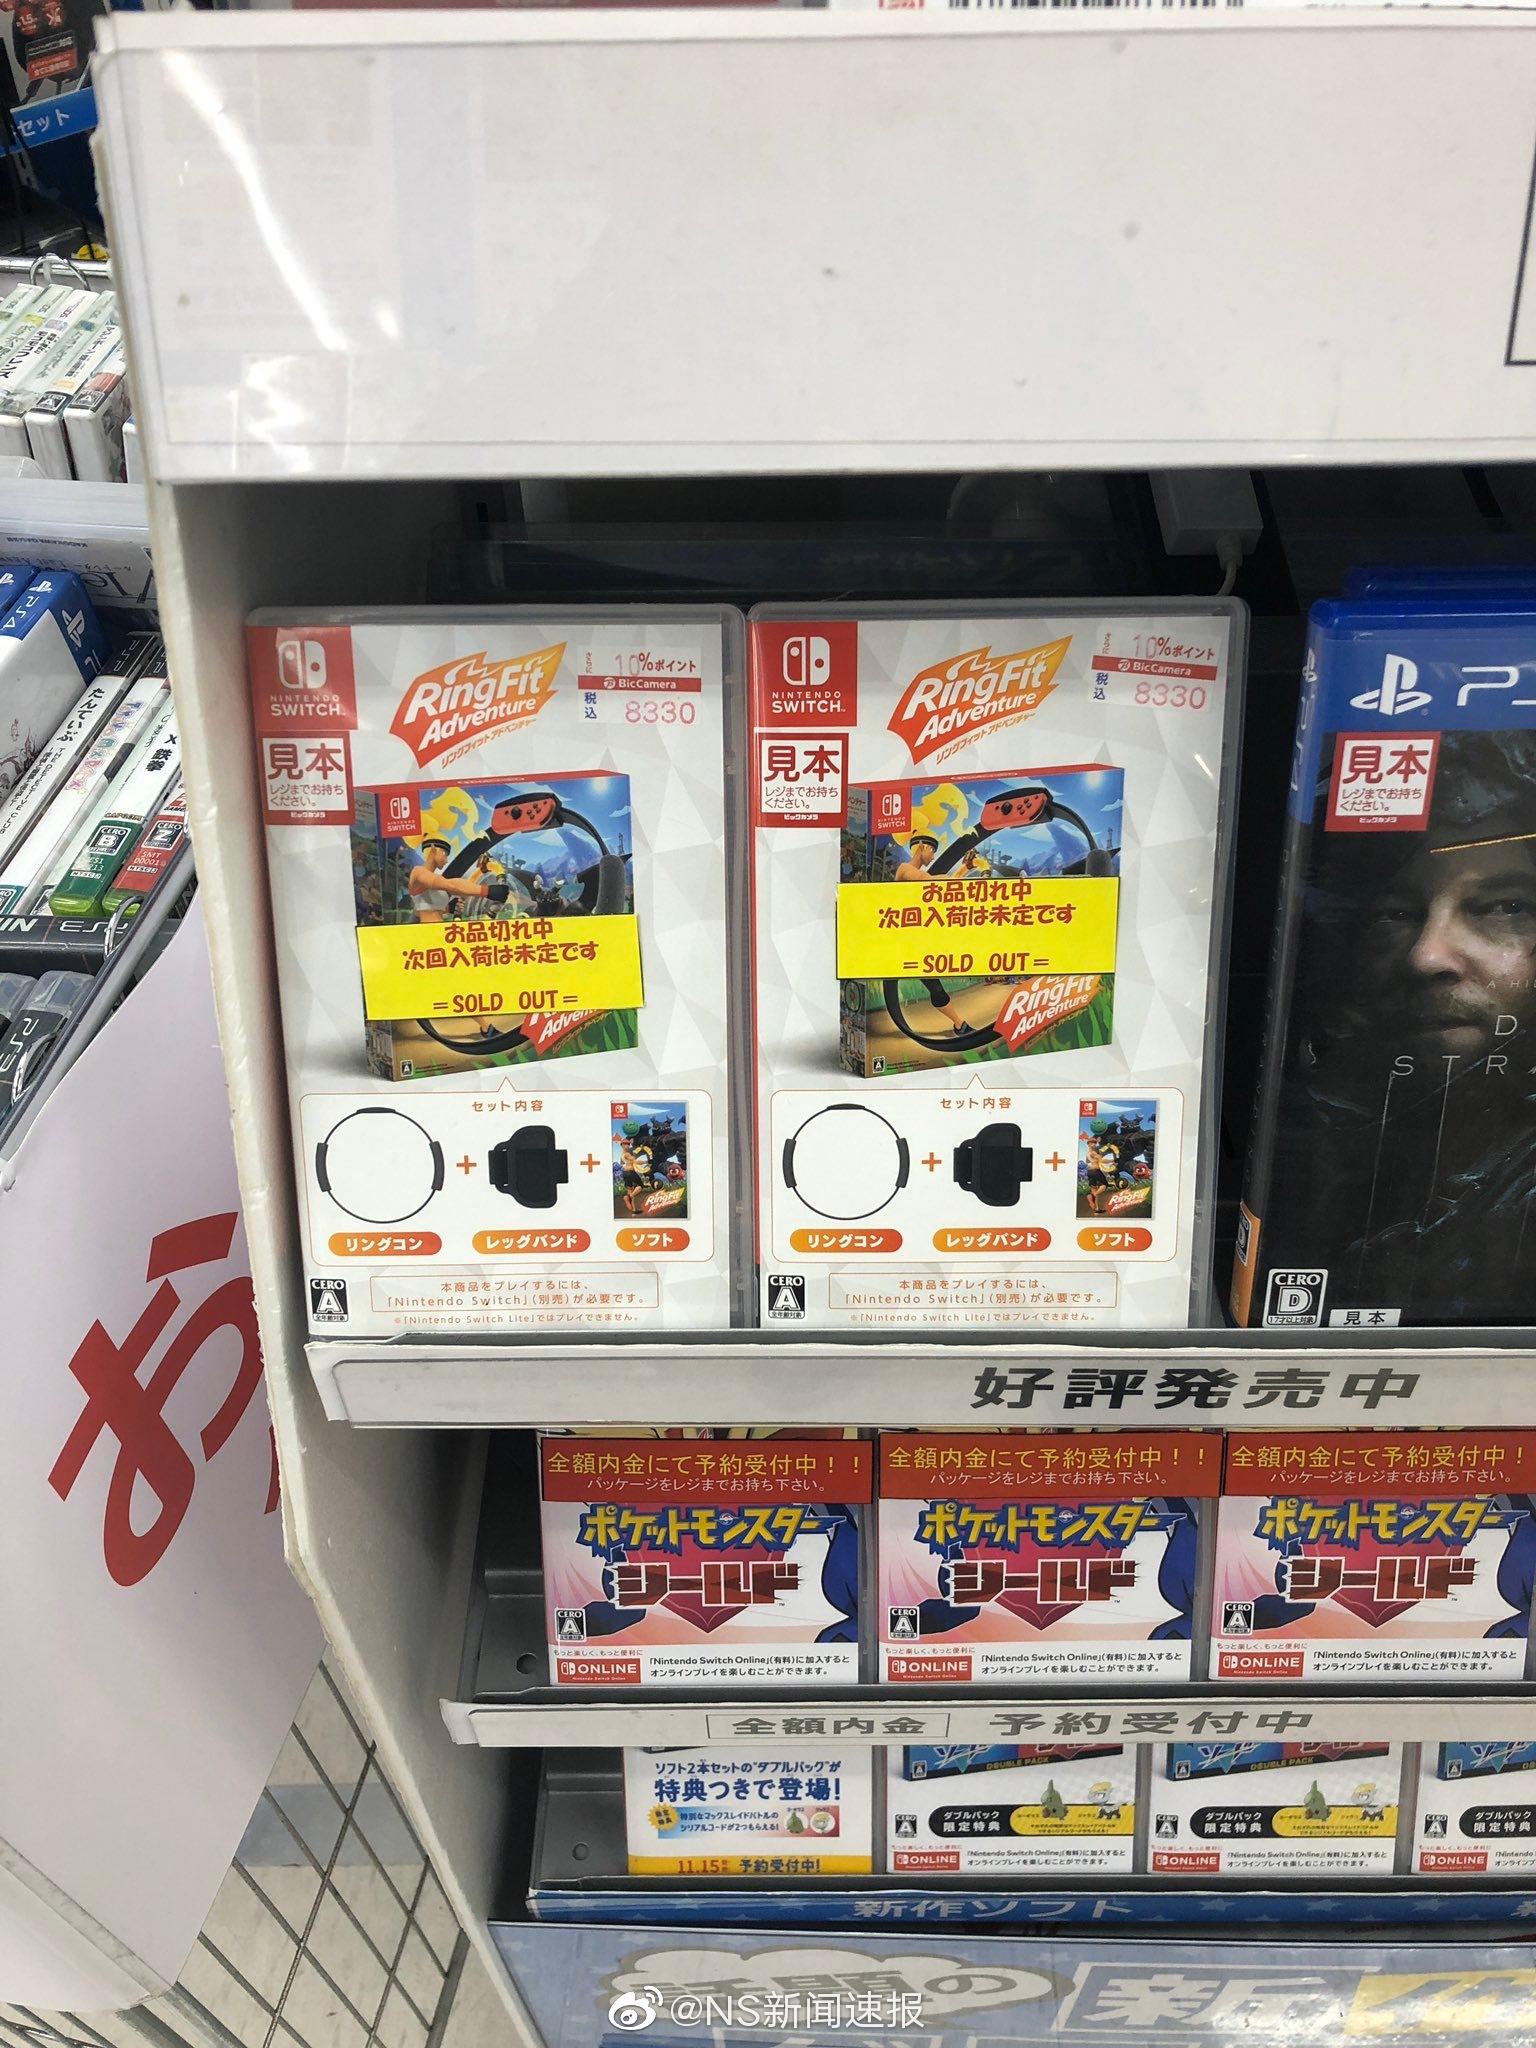 日本多家实体店以及日本亚马逊的《健身环大冒险》持续缺货中。